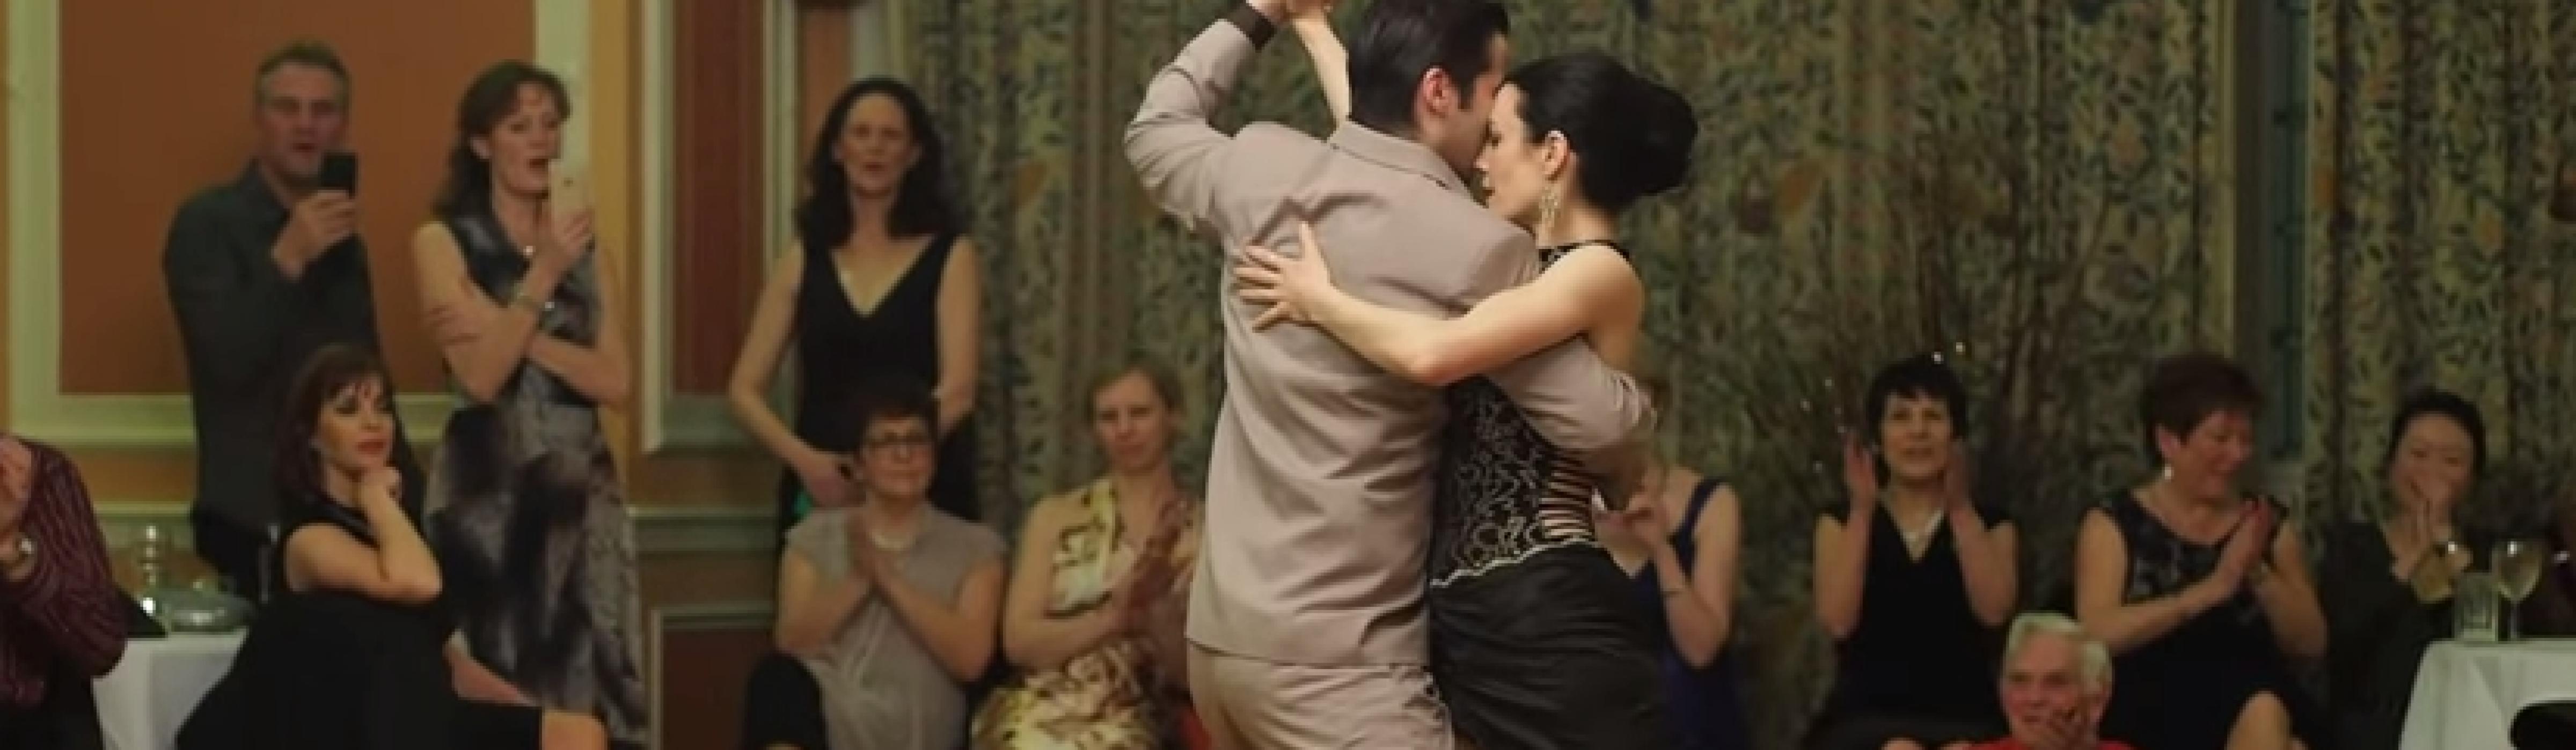 Hereford Tango ~ Tango Mundi